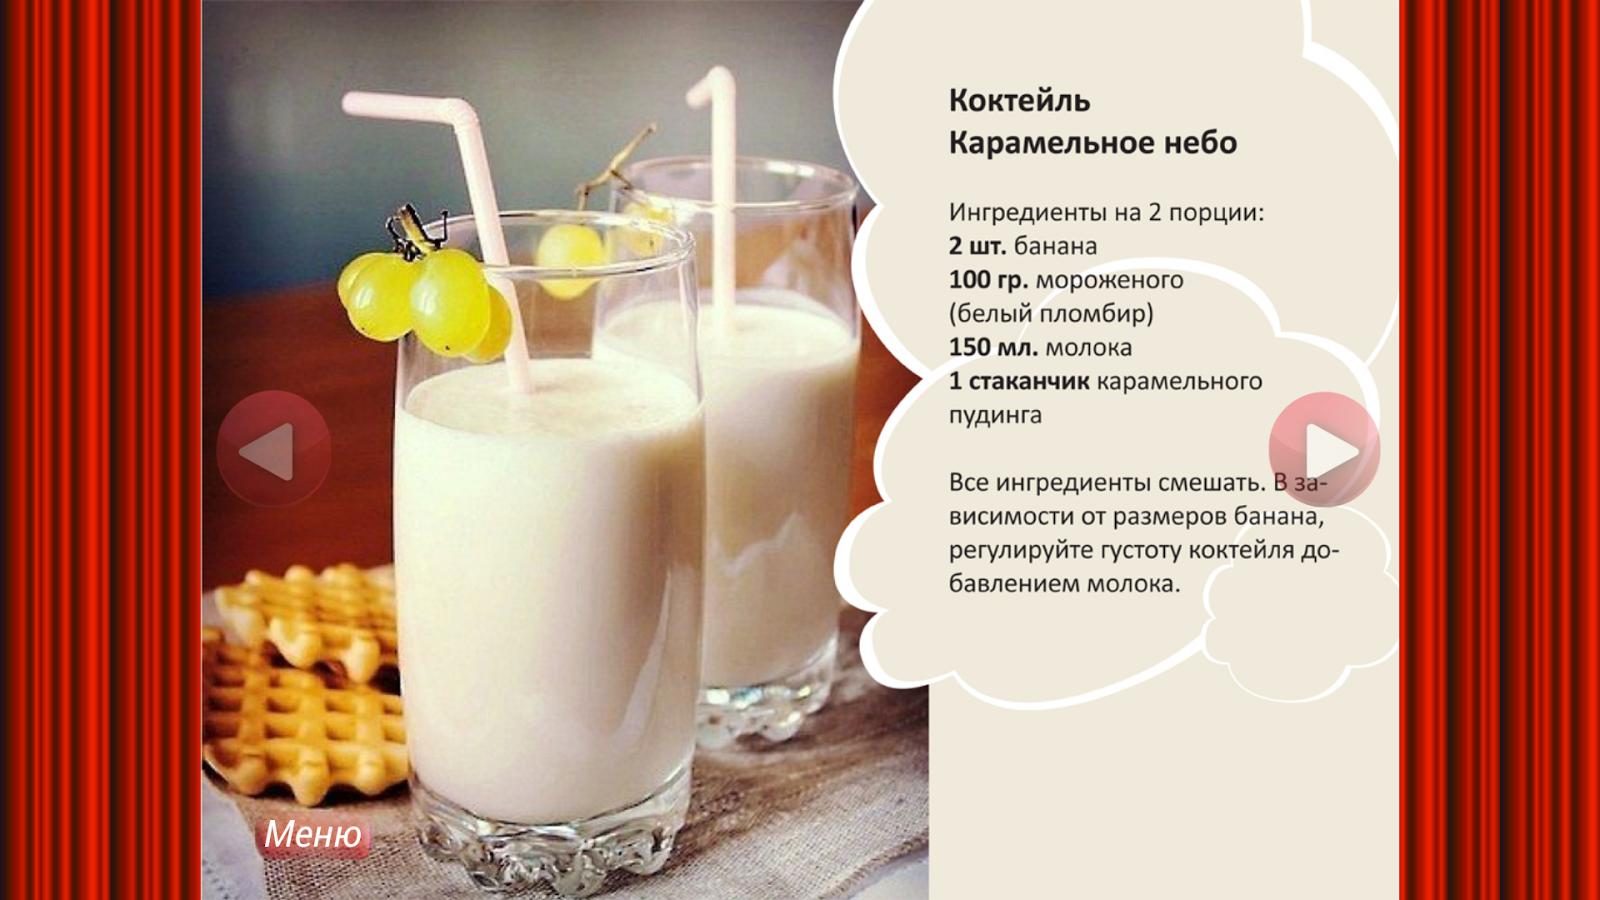 Как сделать коктейль без мороженого без фруктов